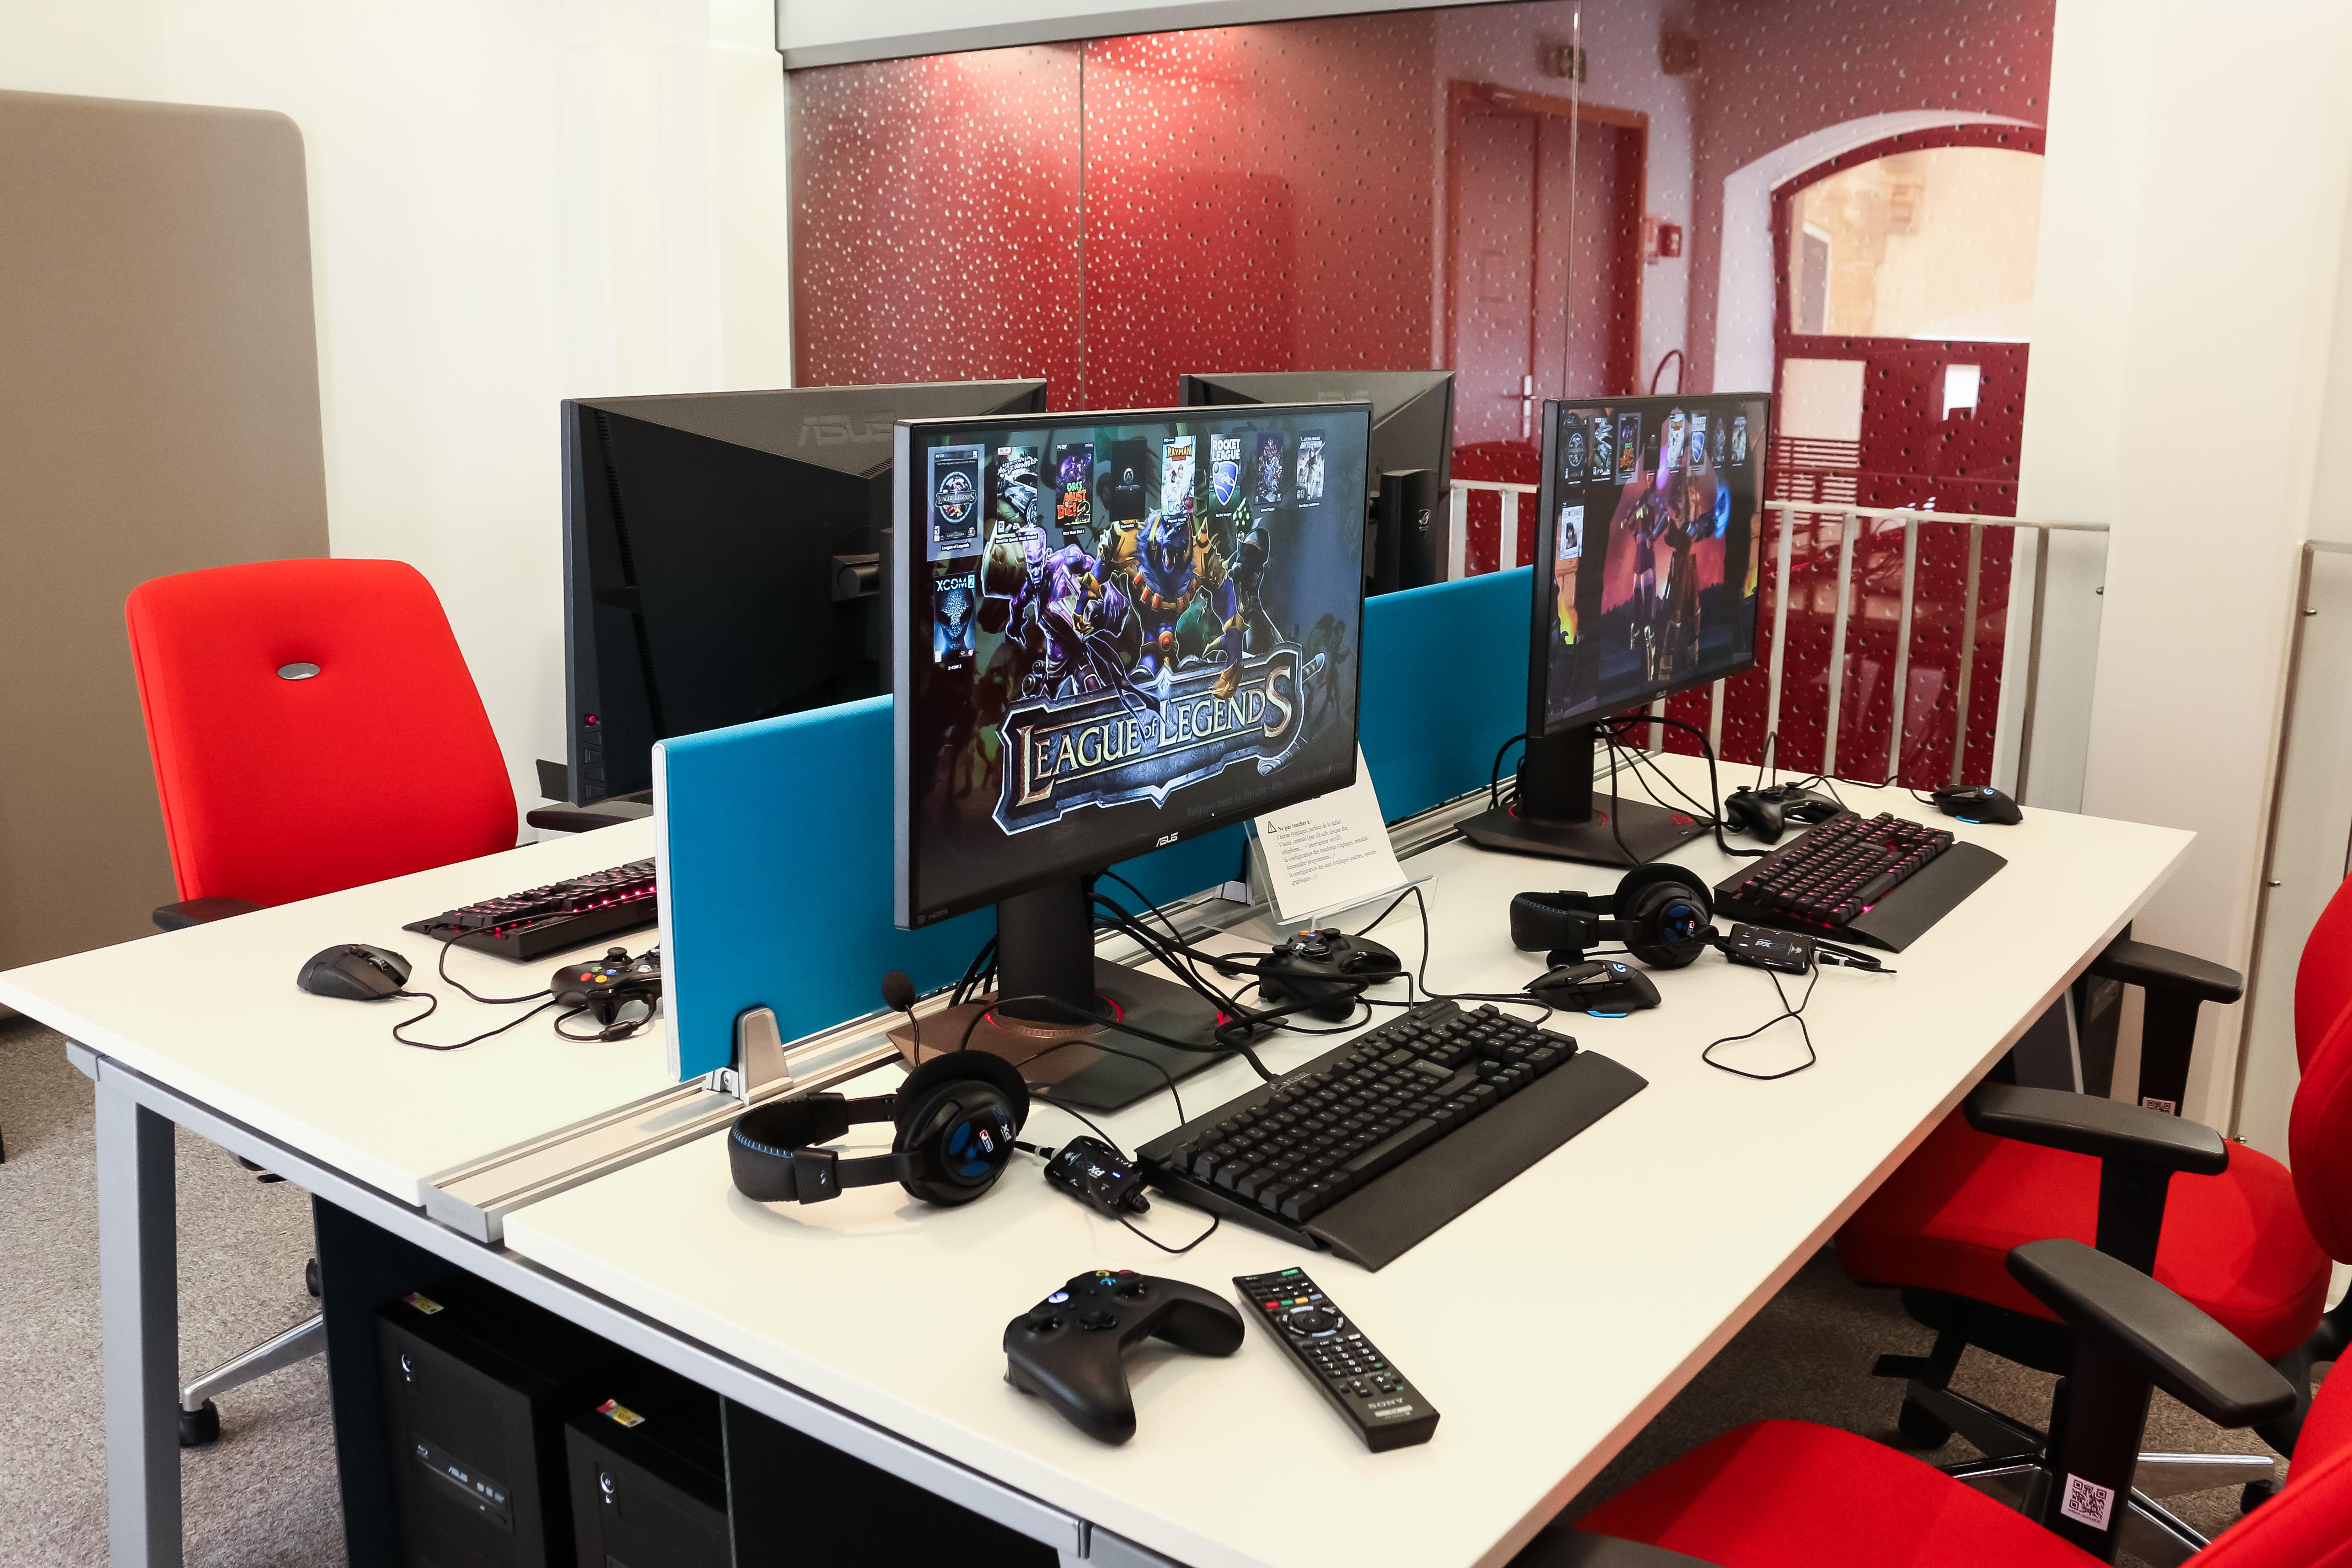 Médiathèque Manufacture : l'espace jeux vidéos